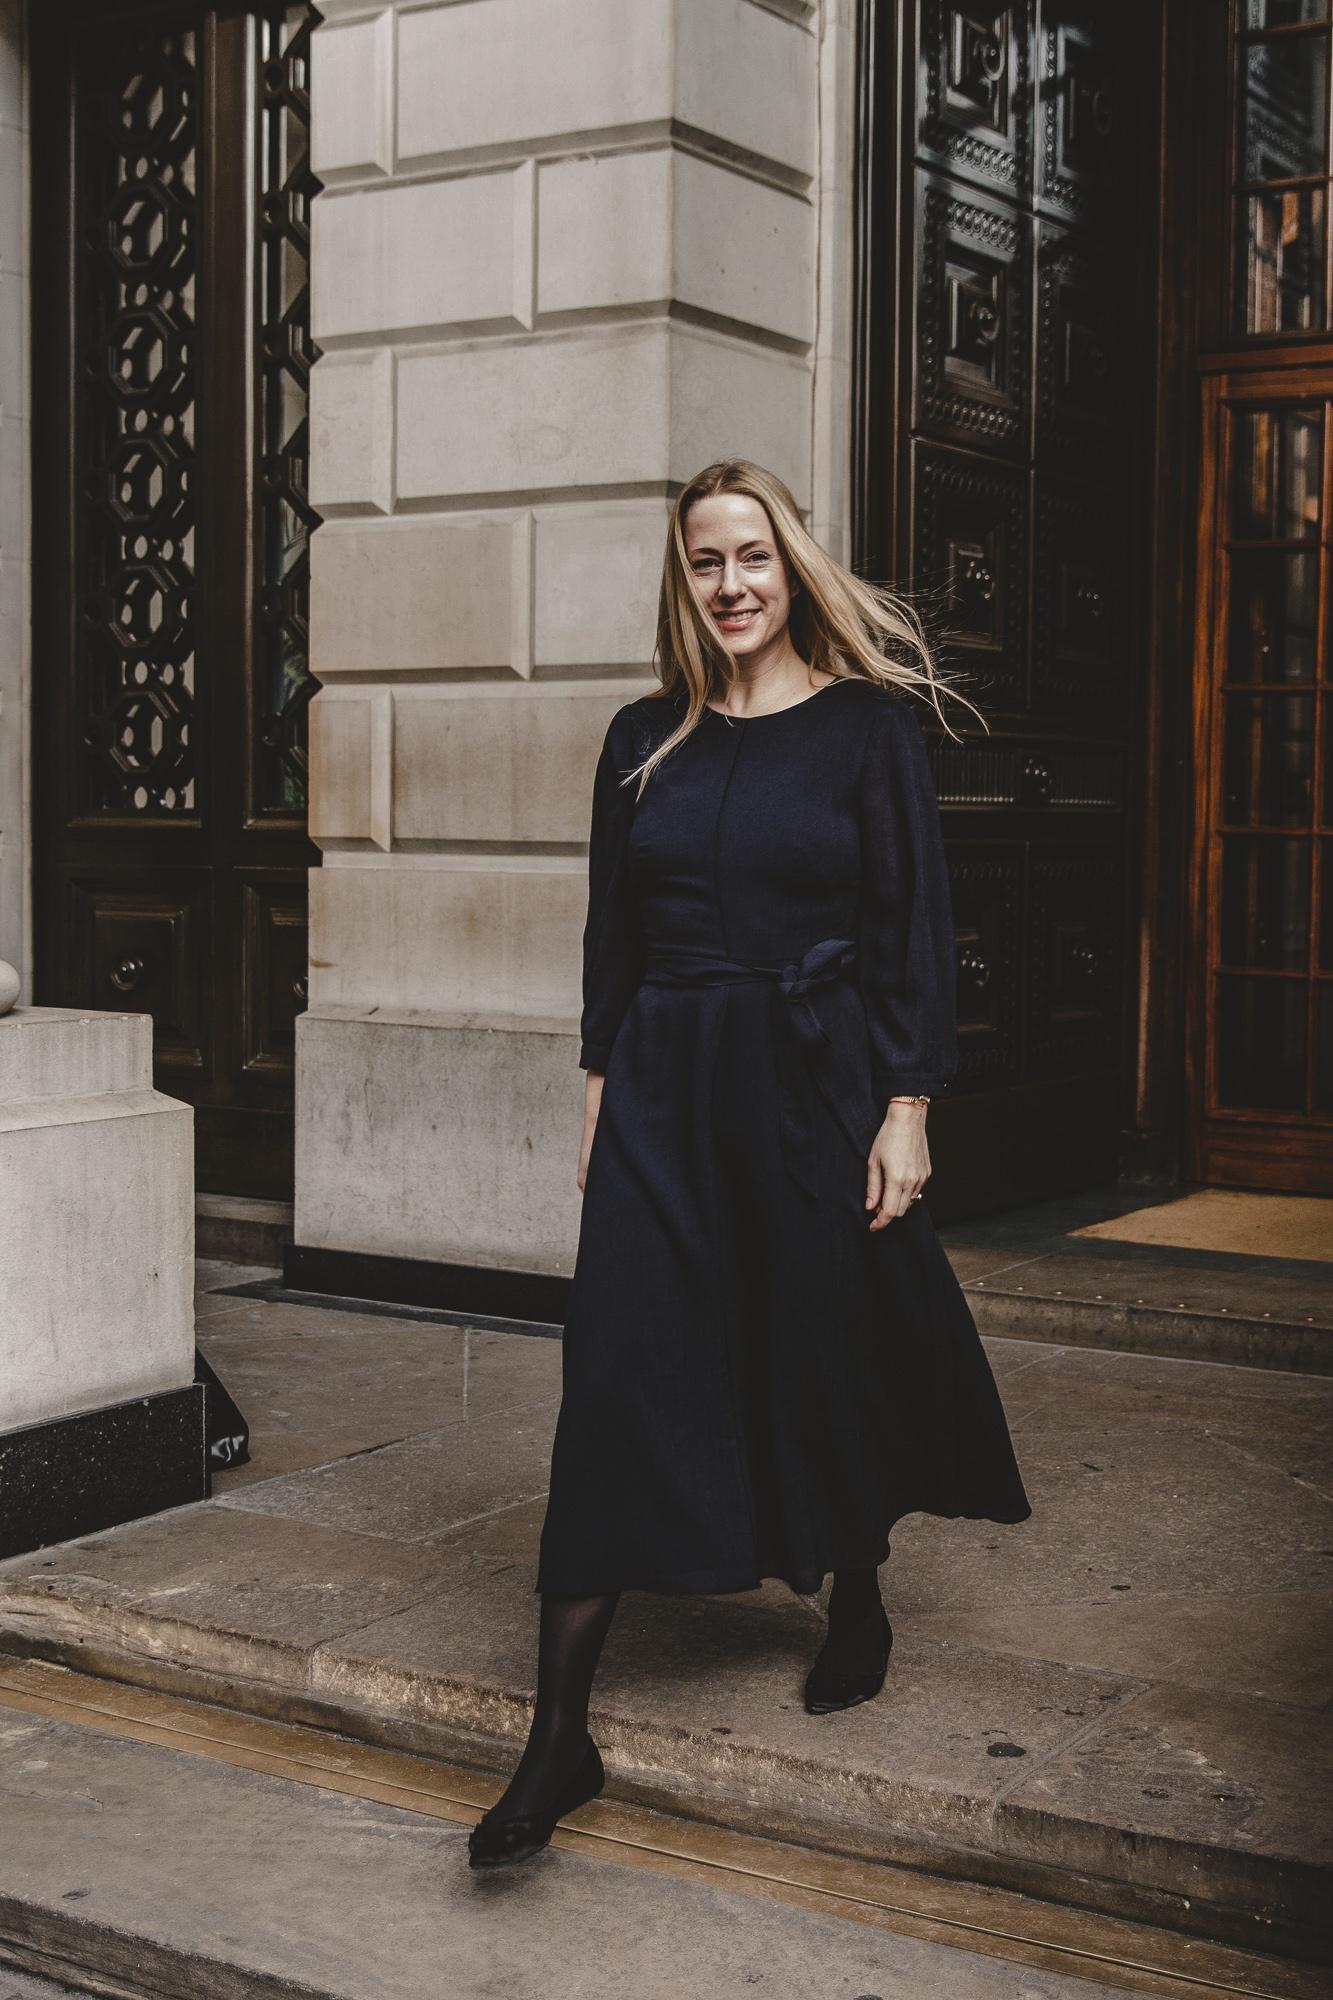 Mein London-Look feat. Cefinn: Teil 1 –Das blaue Kleid |Anzeige, enthält Affiliate Links